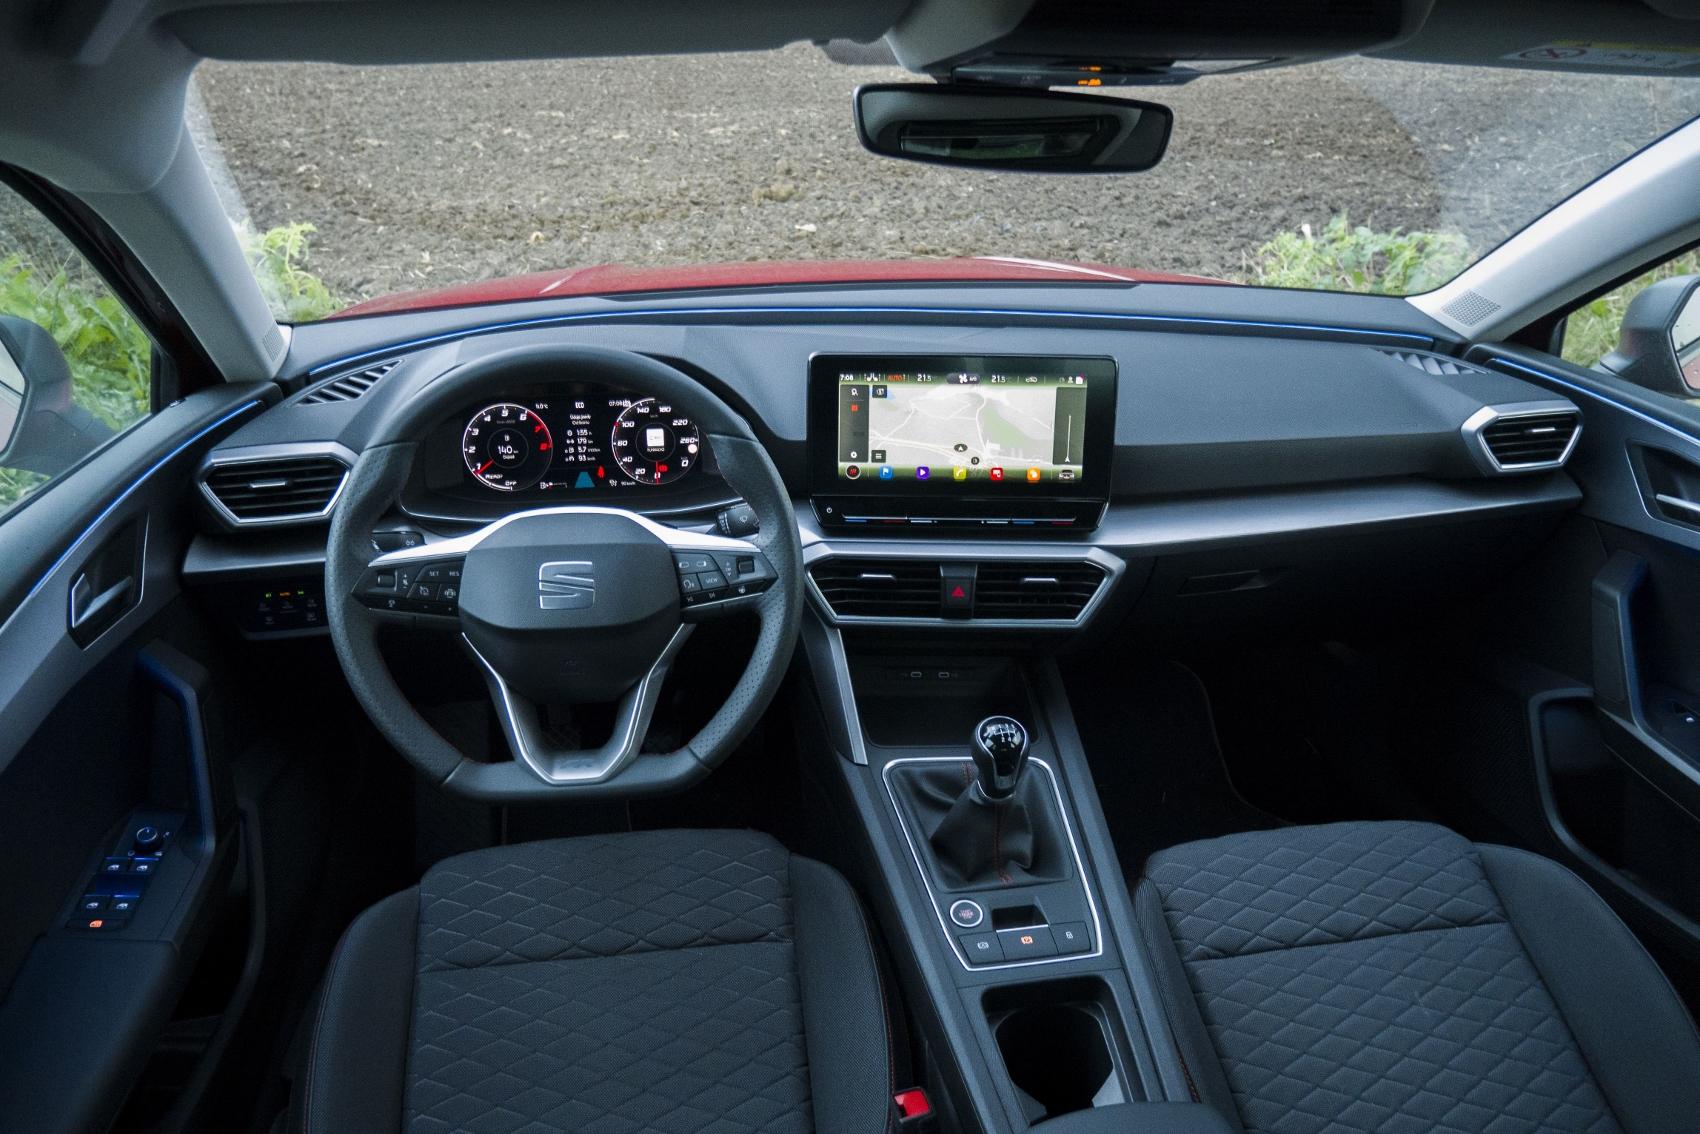 Test: Nový Seat Leon láka na moderné technológie  fSDJHf1dIi seat-leon-34